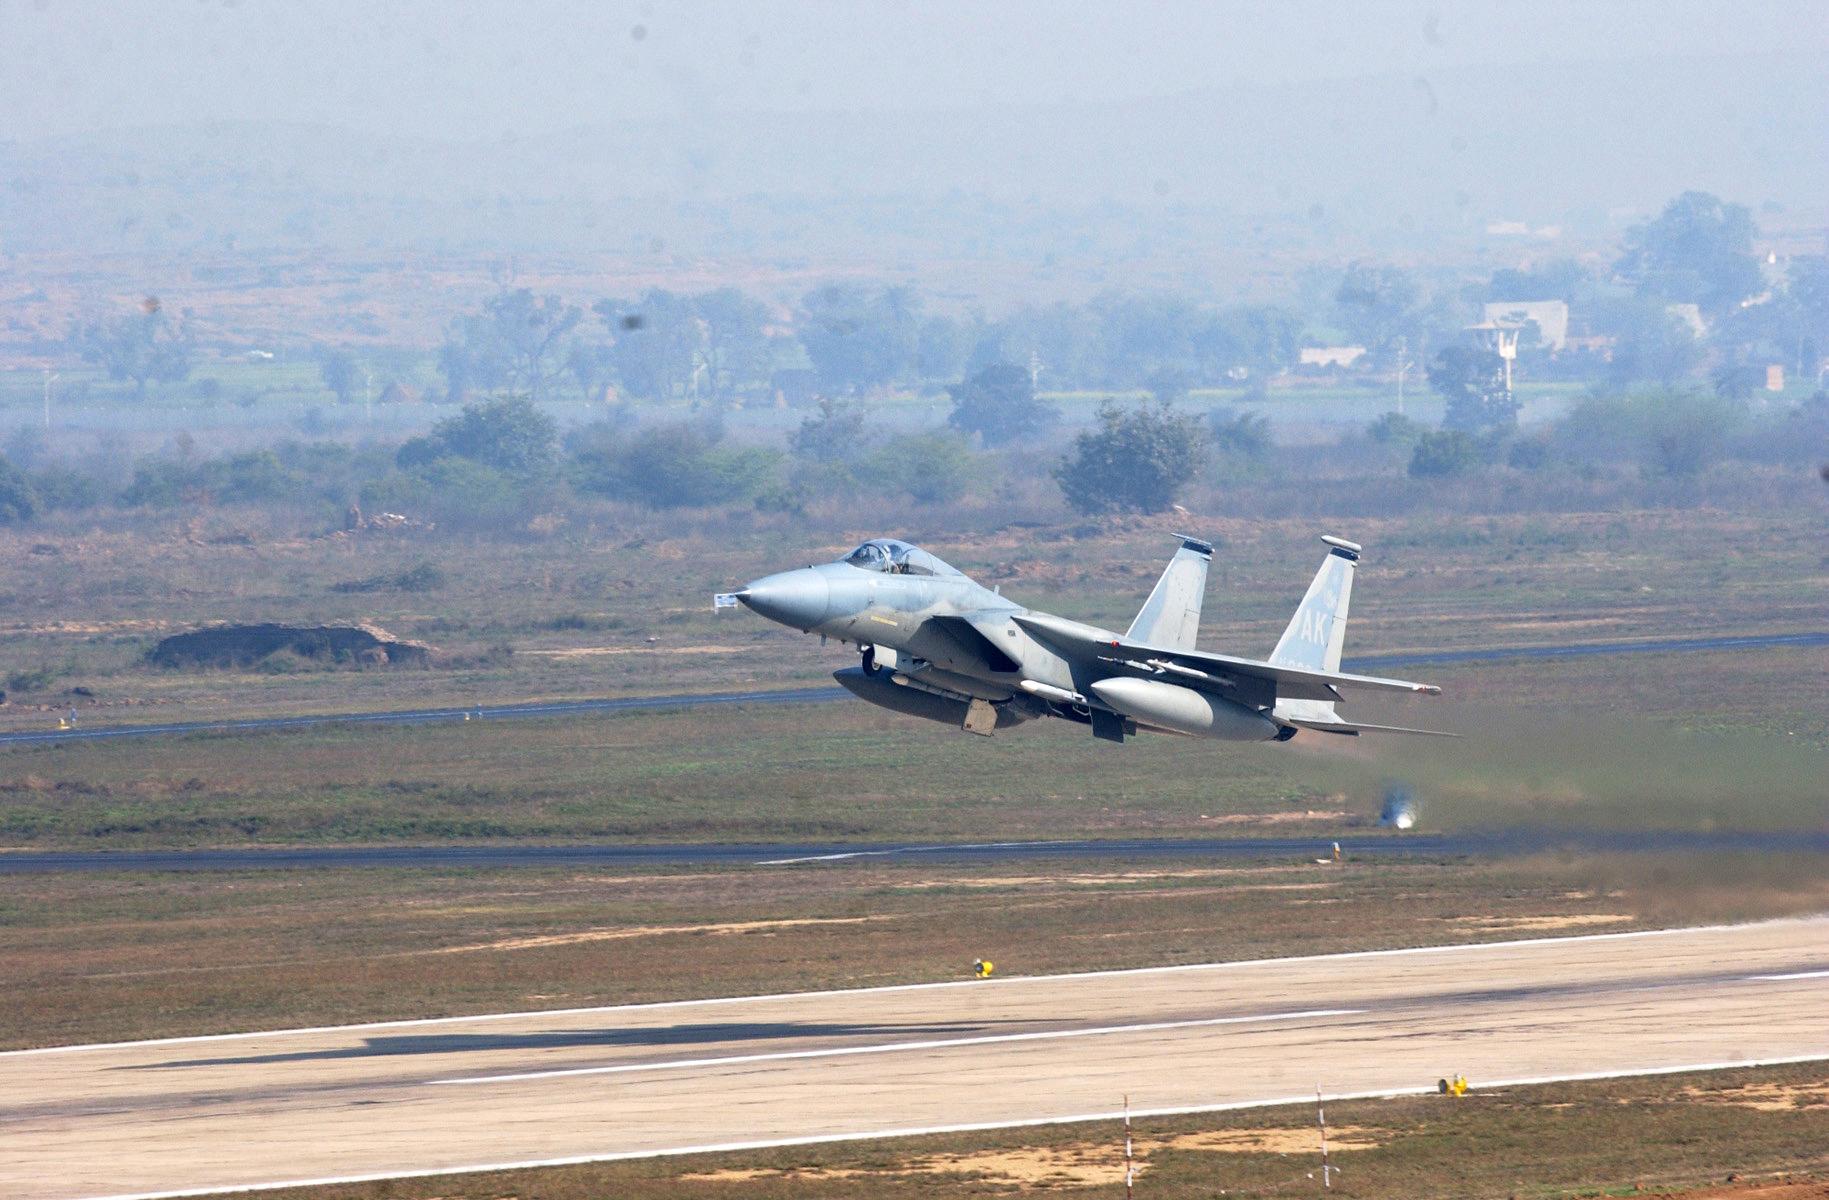 मध्य प्रदेशात ग्वाल्हेरच्या जवळ महाराजपुरा इथे वायुदलाचा तळ आहे. या एअरफोर्स बेसवरून मिराज2000 विमानांनी पाकिस्तानच्या दिशेनं उड्डाण केलं.